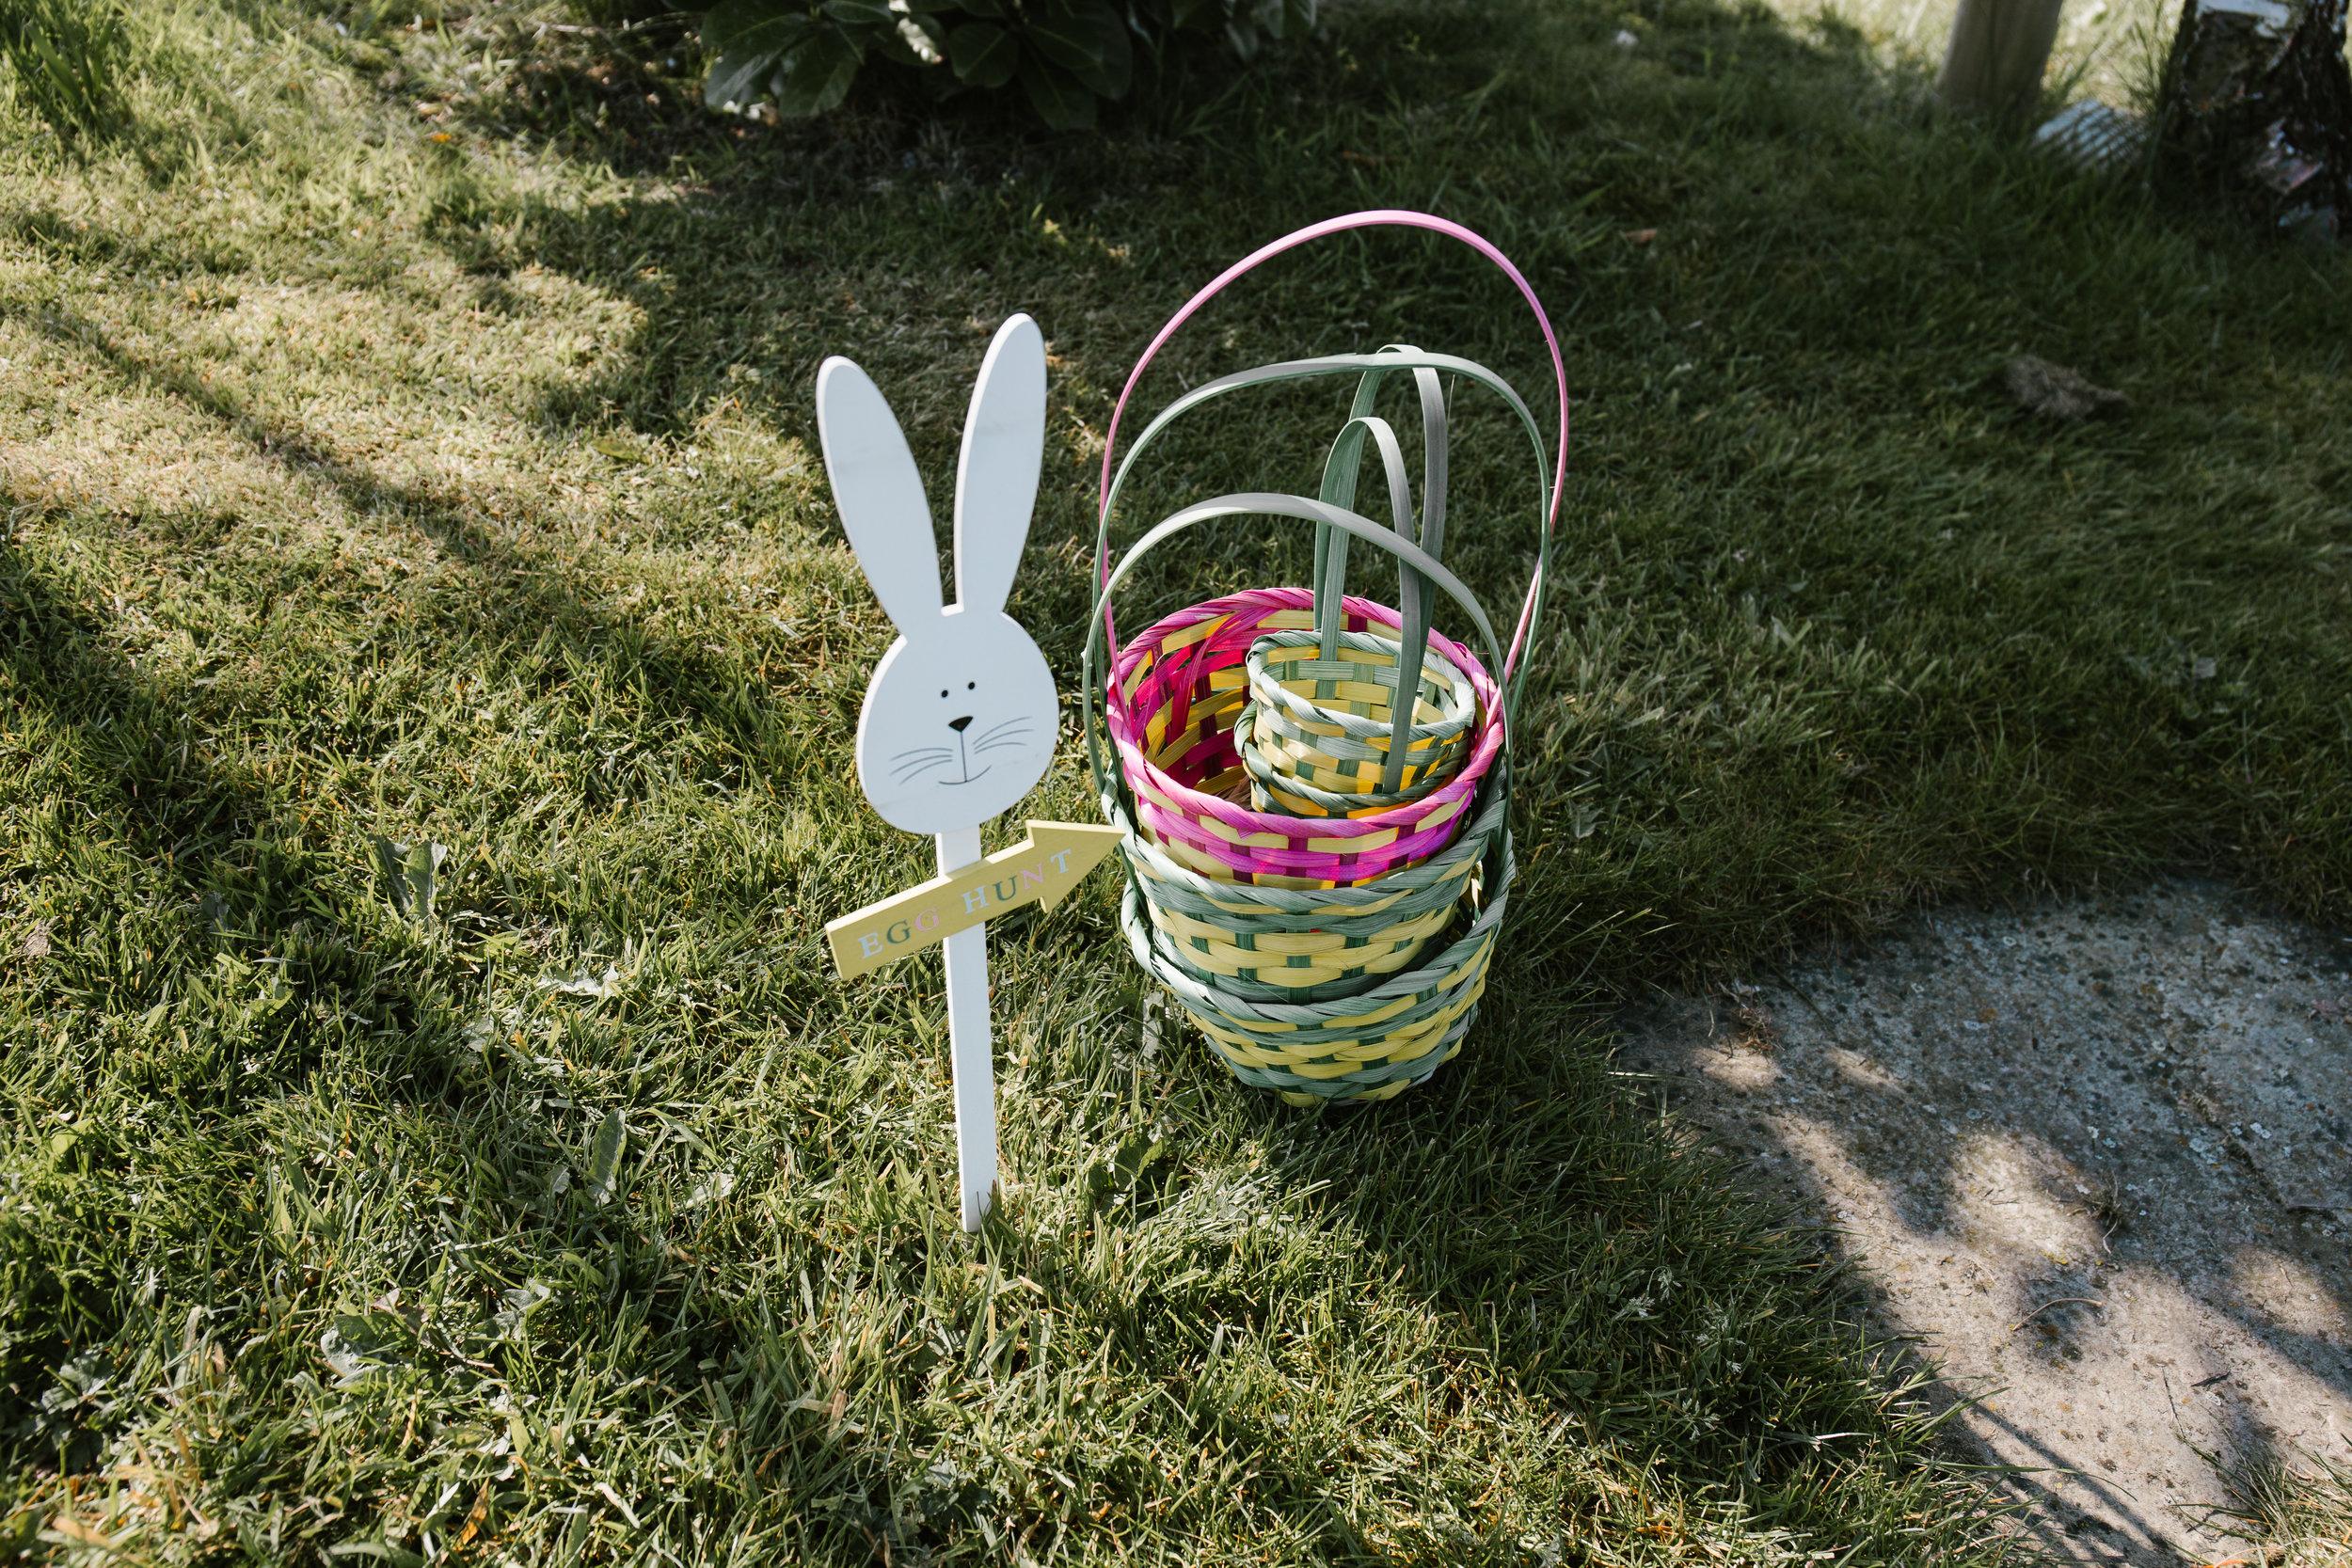 easter egg hunt for children at a wedding